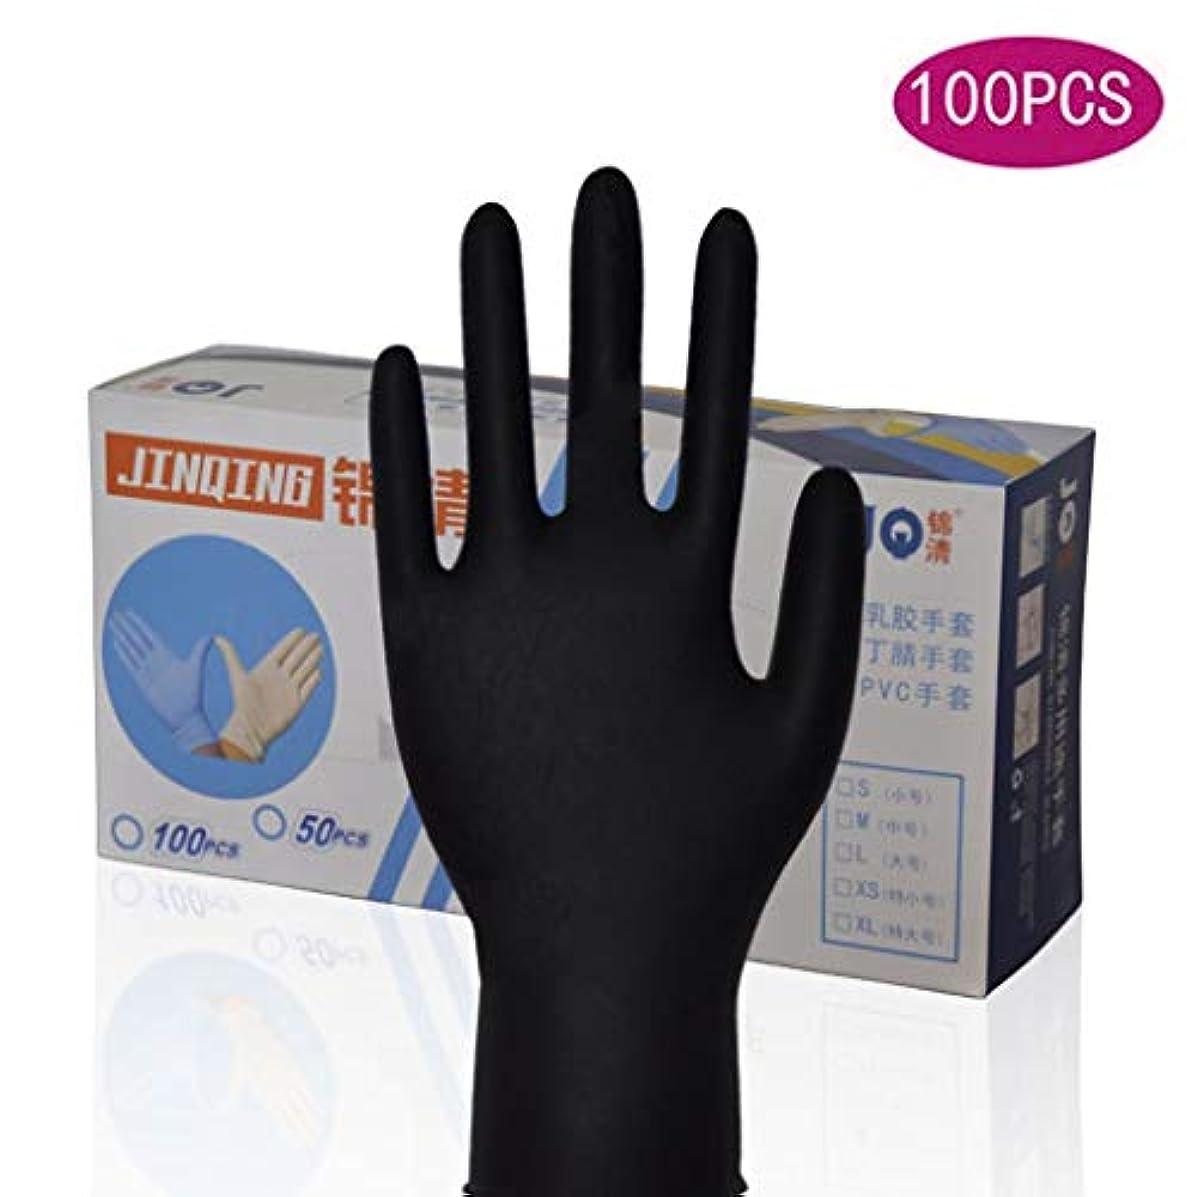 資本主義ディスクどちらもニトリルグローブ厚い黒い使い捨て手袋ラテックス美容マッサージタトゥーホーム防水実験デューティ試験手袋|病院向けのプロフェッショナルグレード (Size : L)